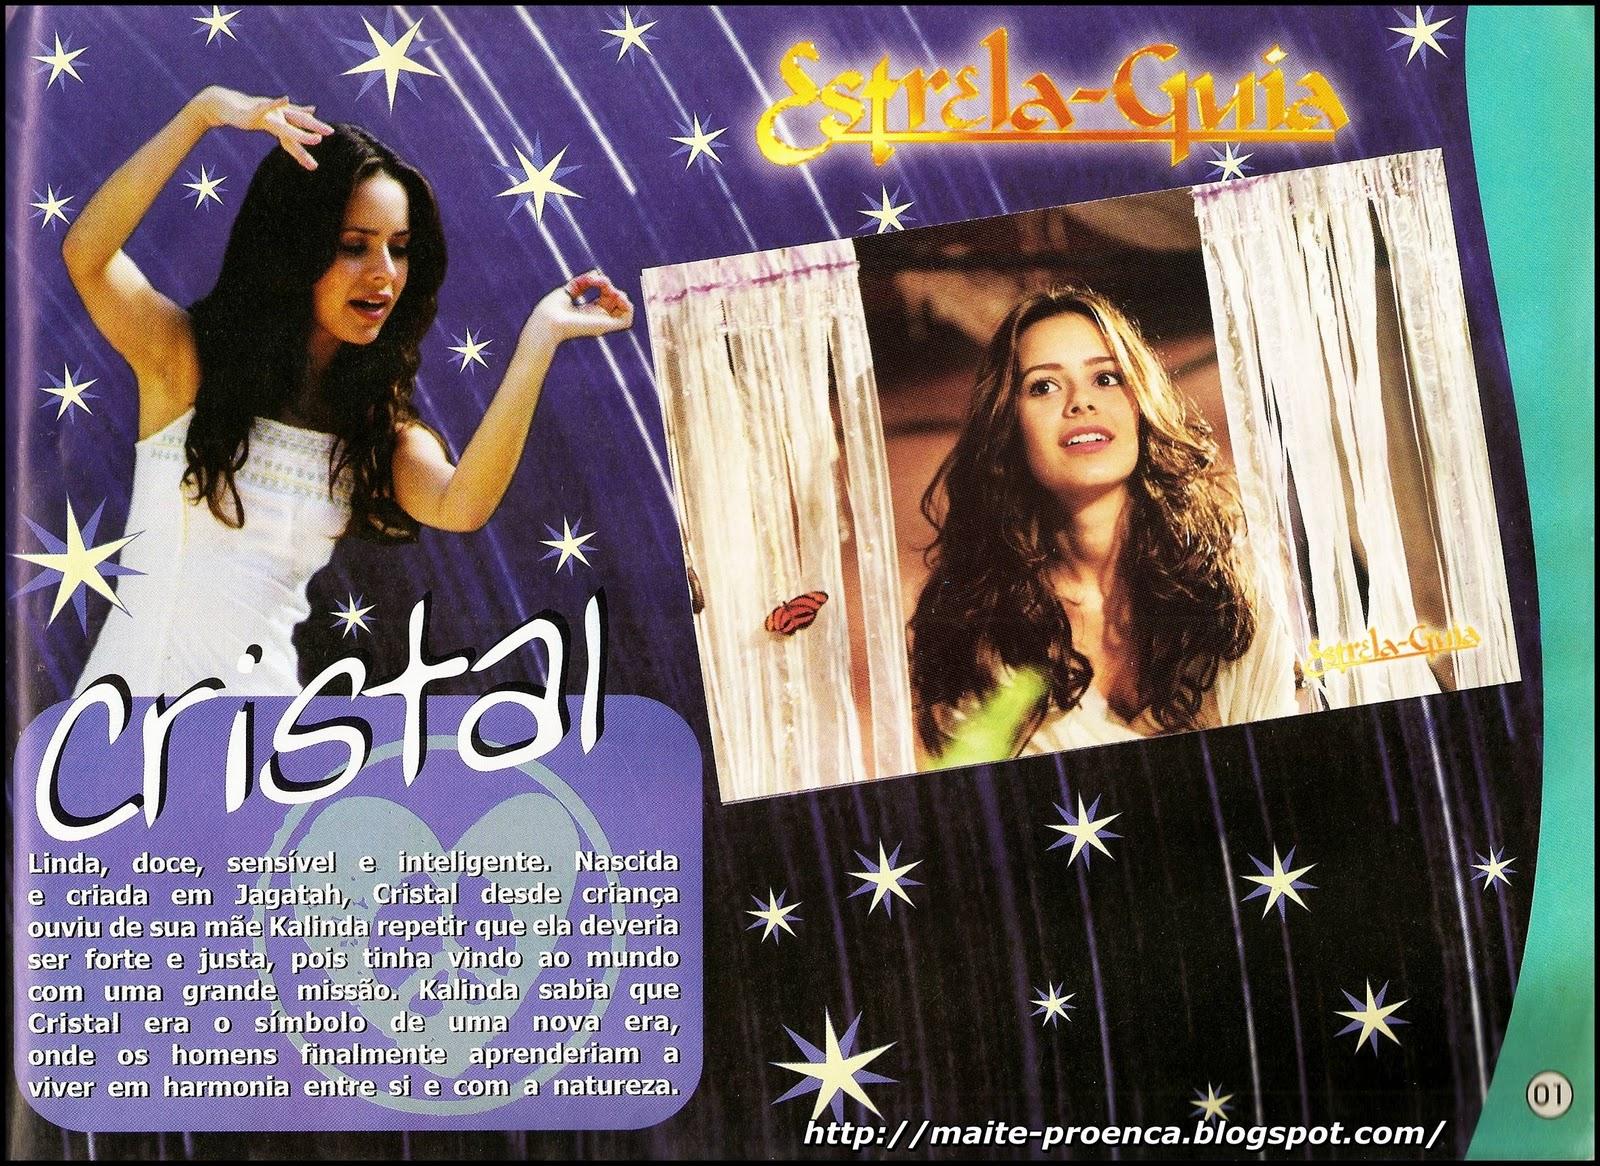 691+2001+Estrela+Guia+Album+(2).jpg